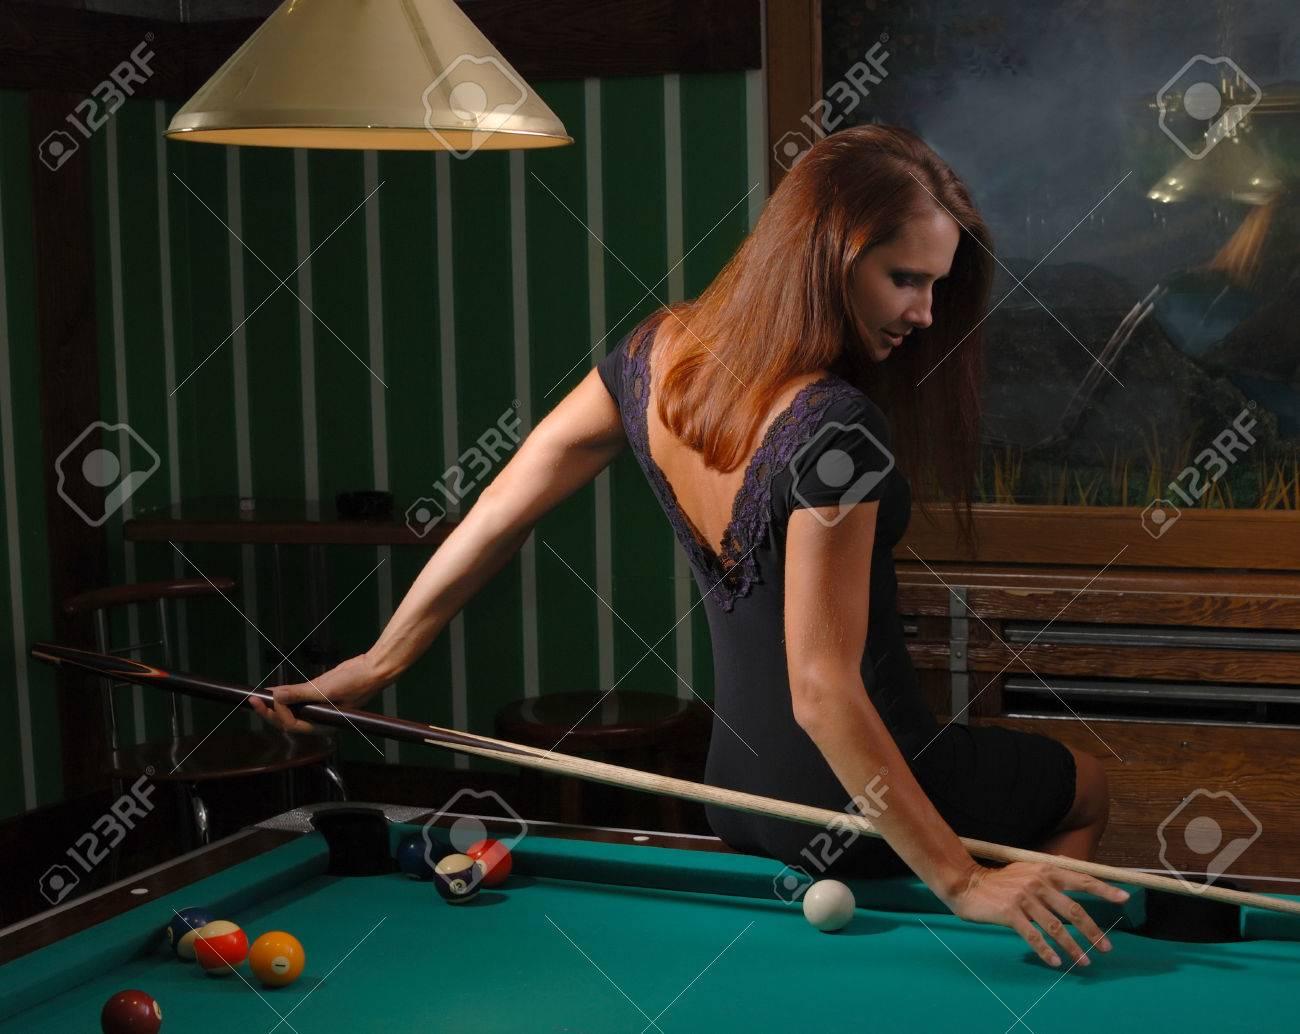 Mujer de vestido rojo jugando billar